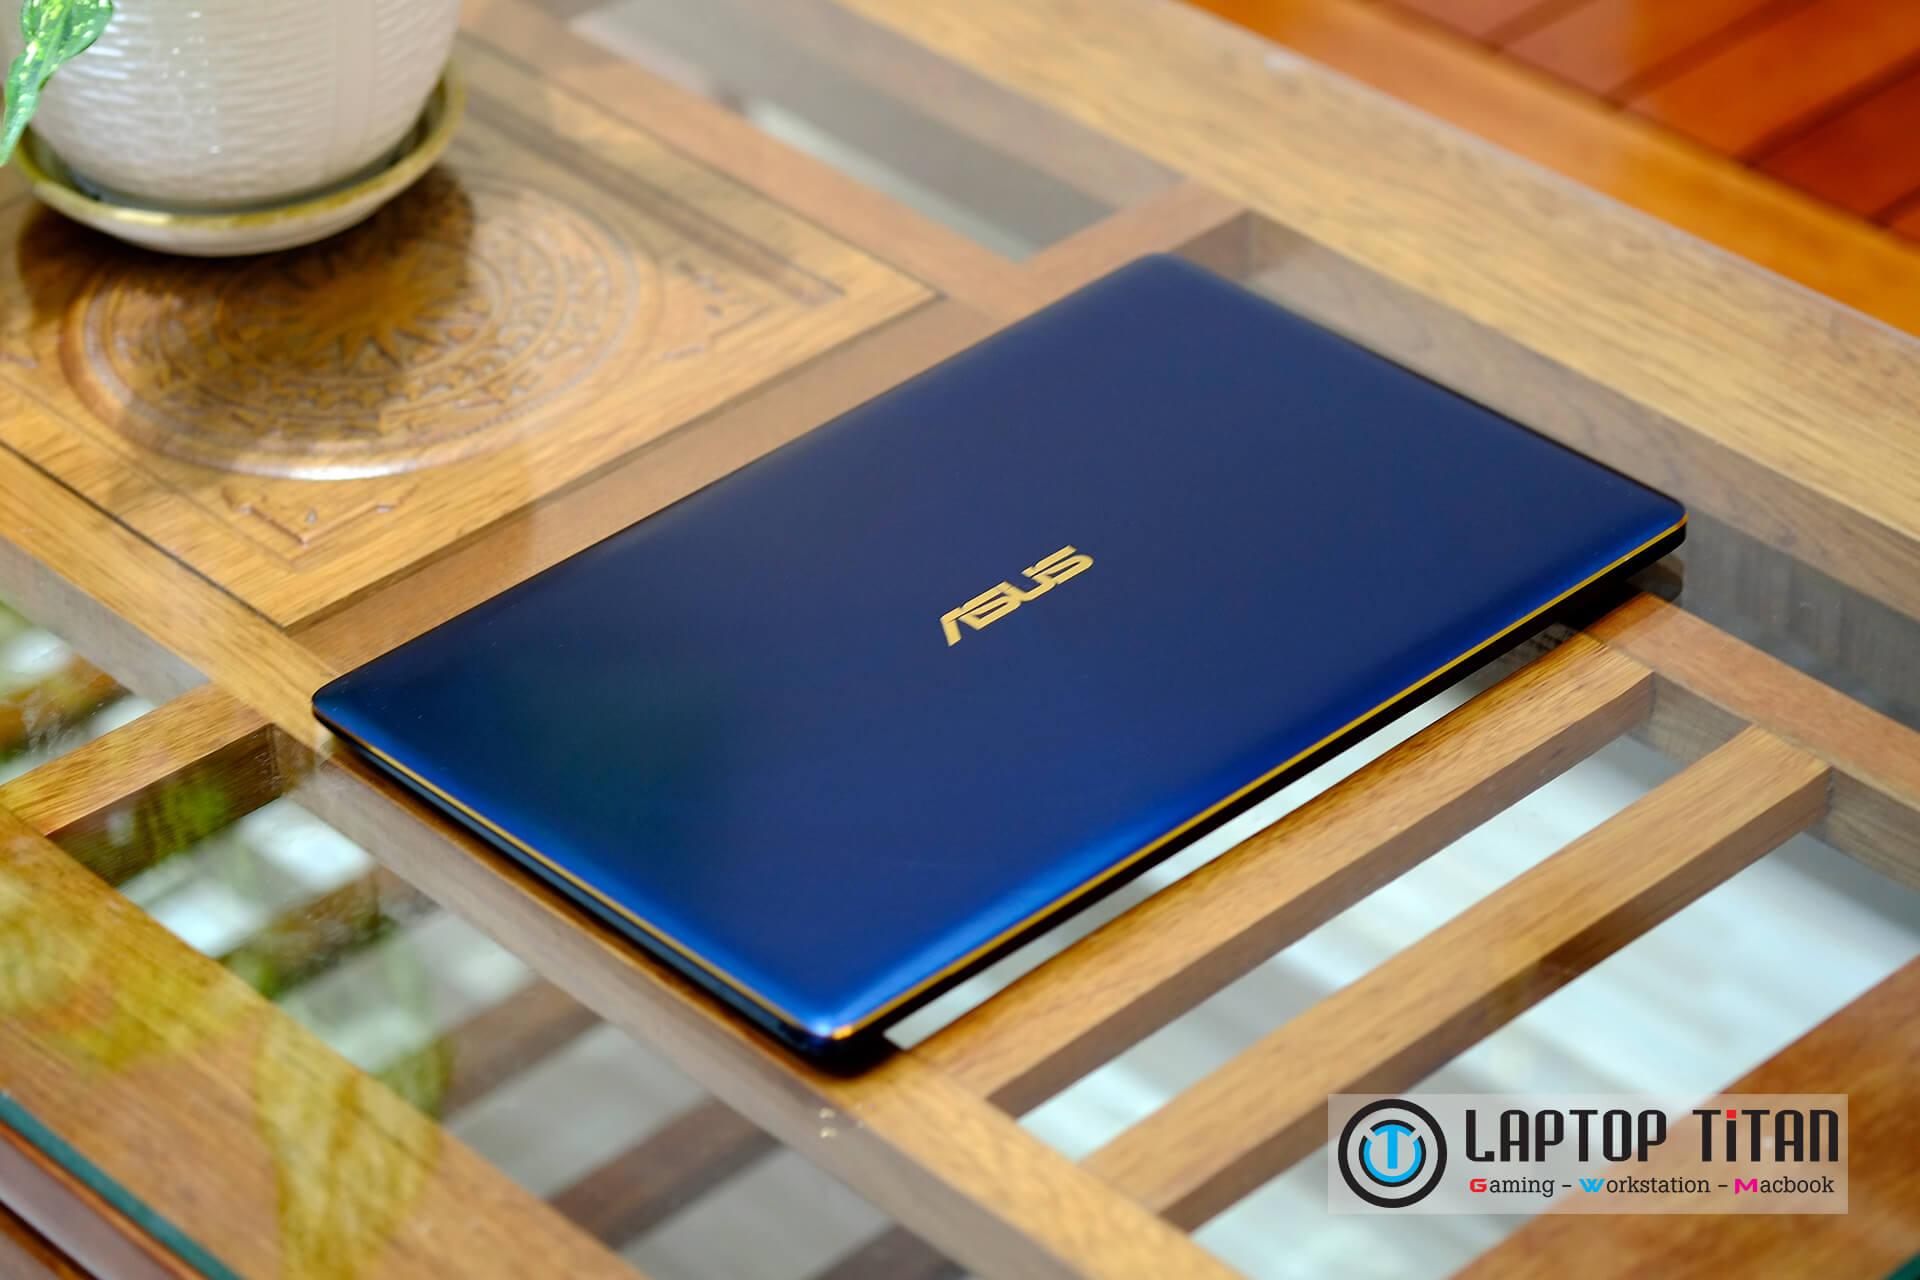 Asus Zenbook Ux390ua 9